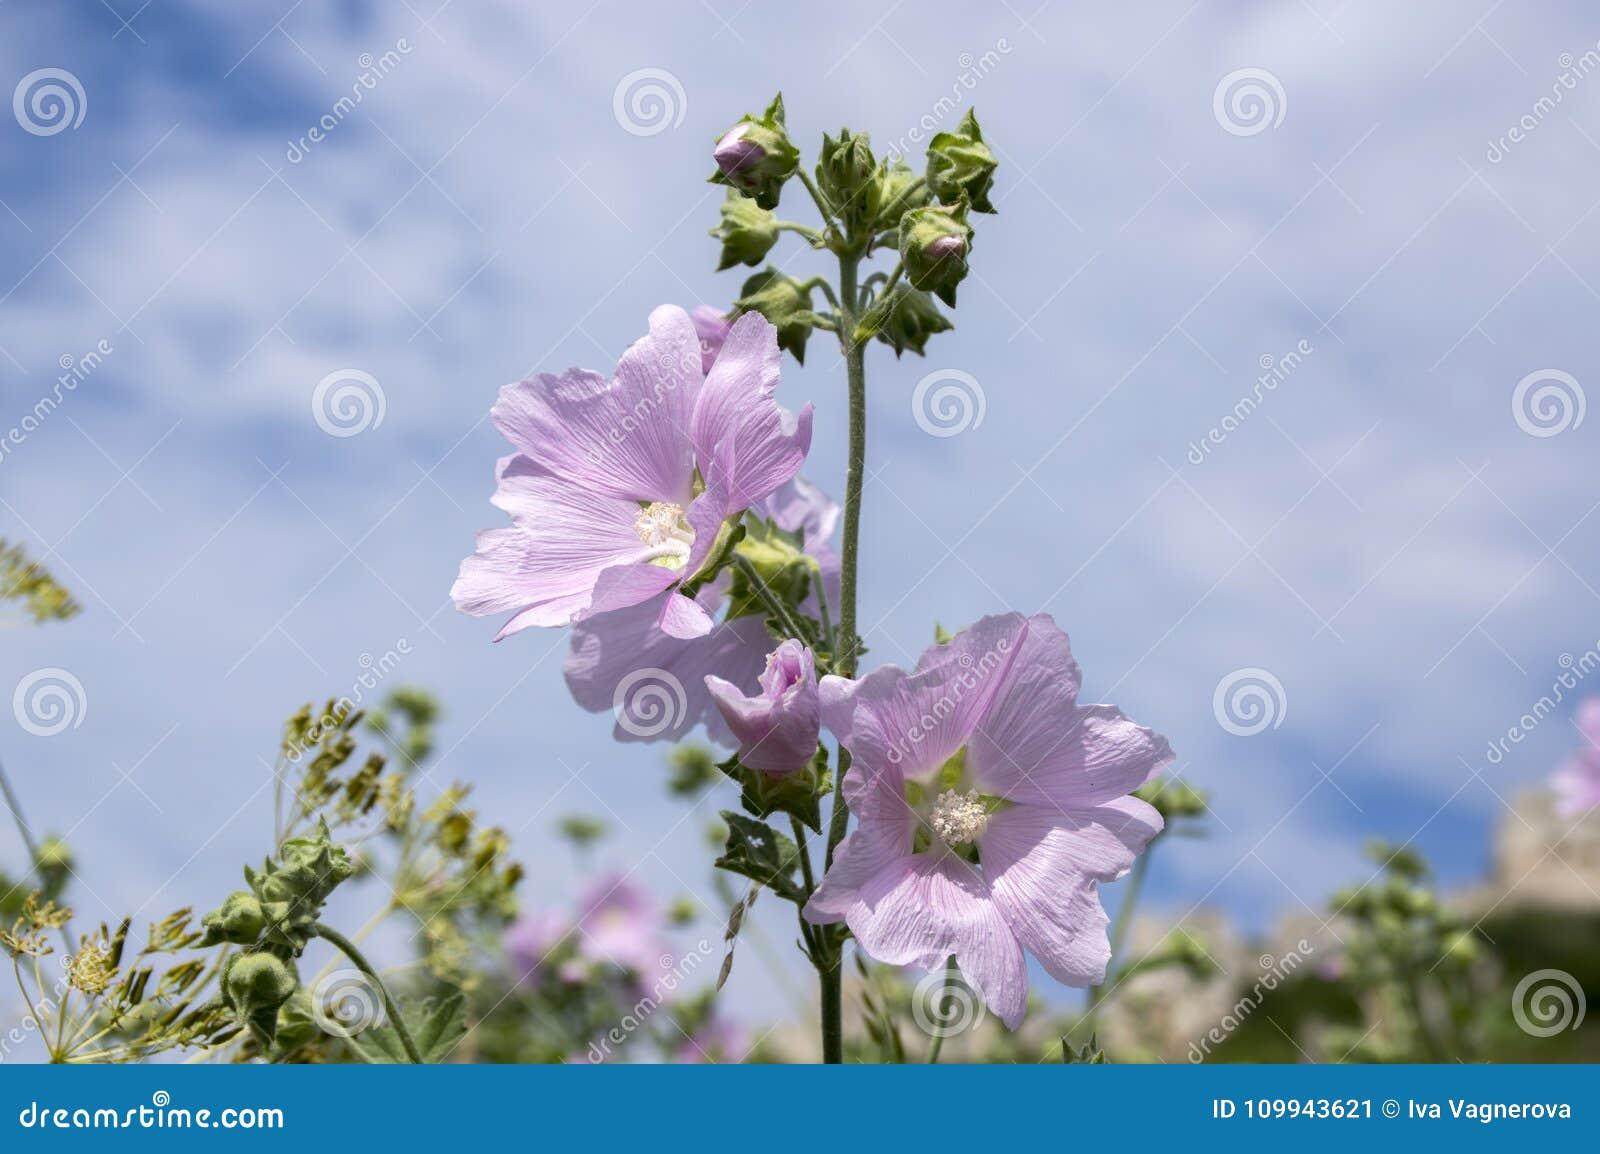 Alcea della malva in fioritura, fiore rosa sul gambo con le foglie